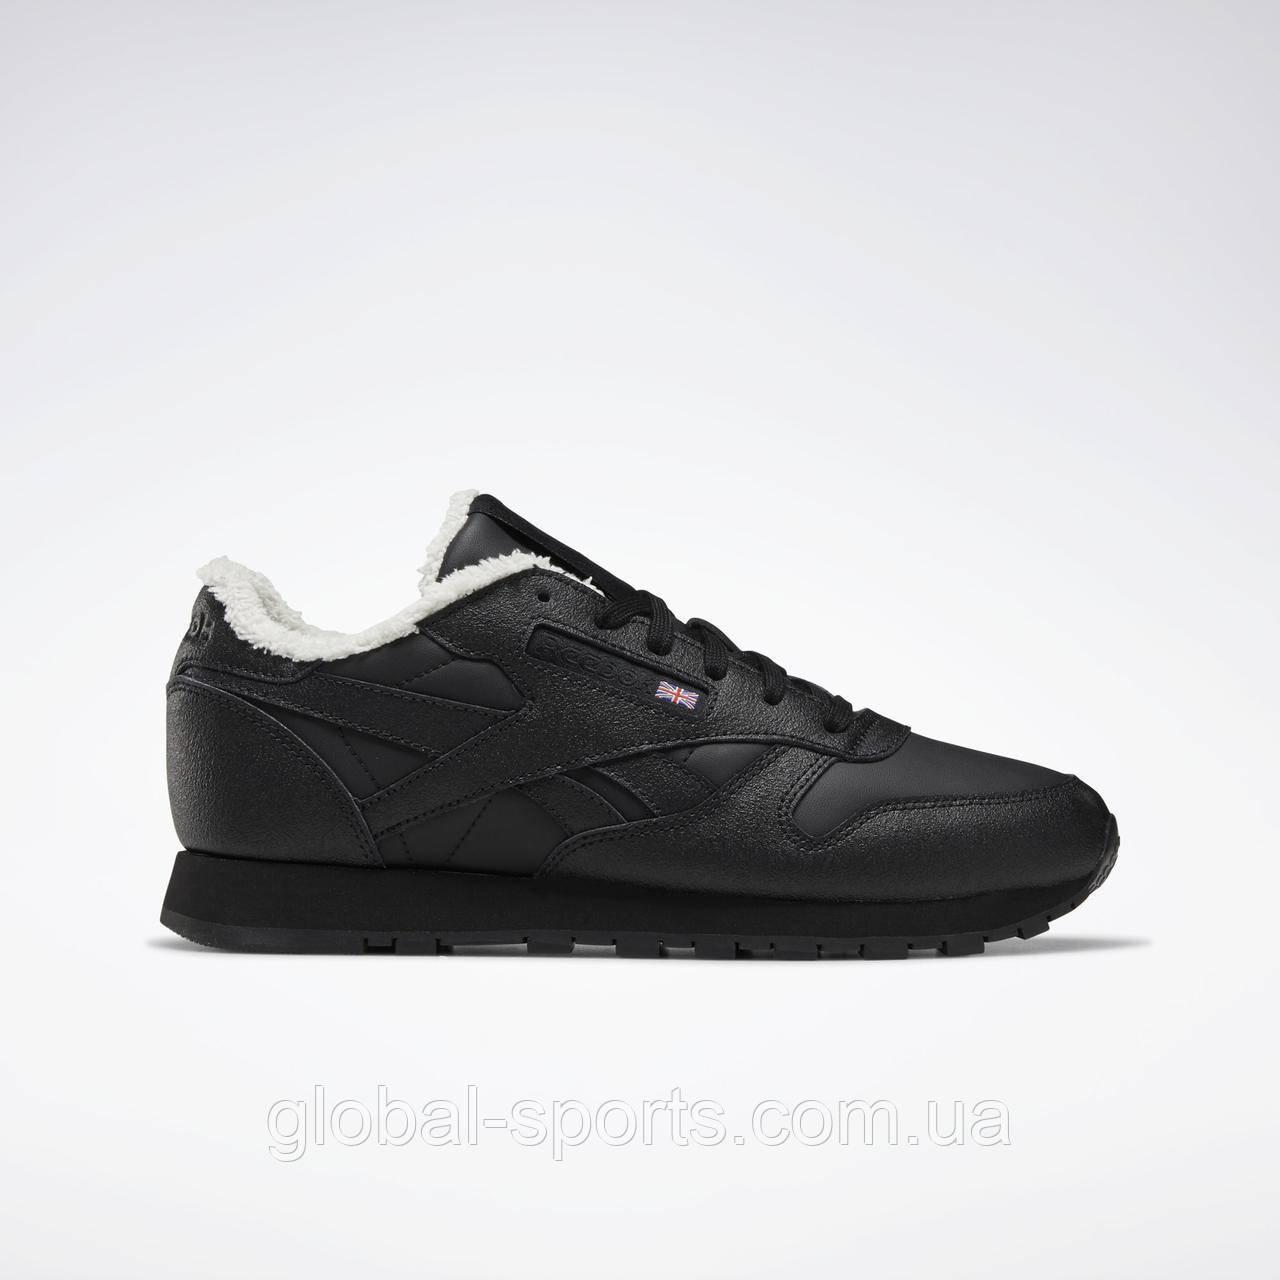 Жіночі кросівки Reebok Classic Leather (Артикул: FU7775)